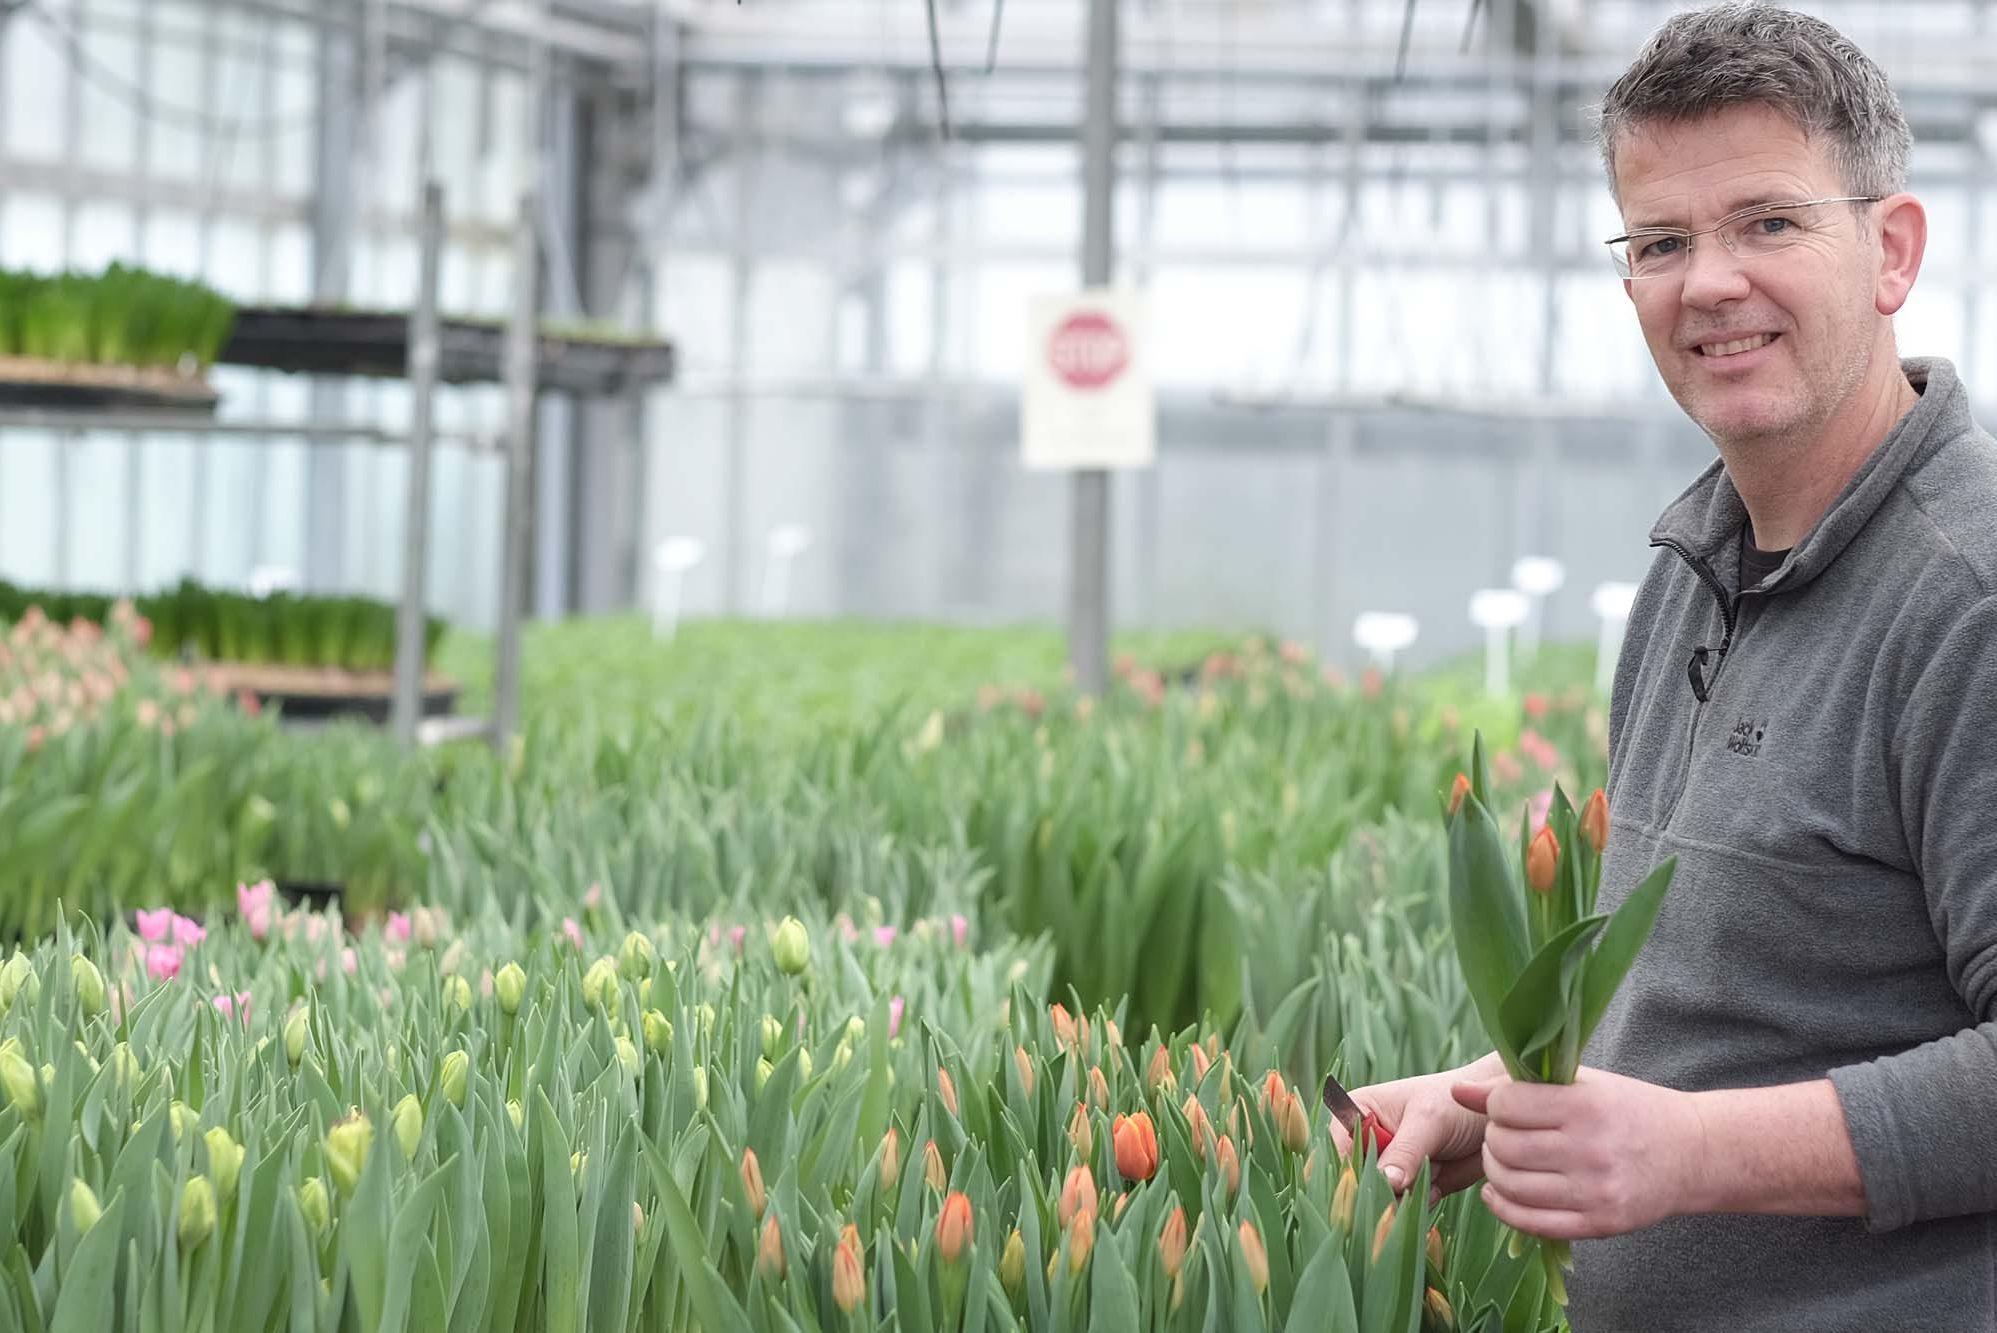 Gärtnerei Blumen Bendler im Advent